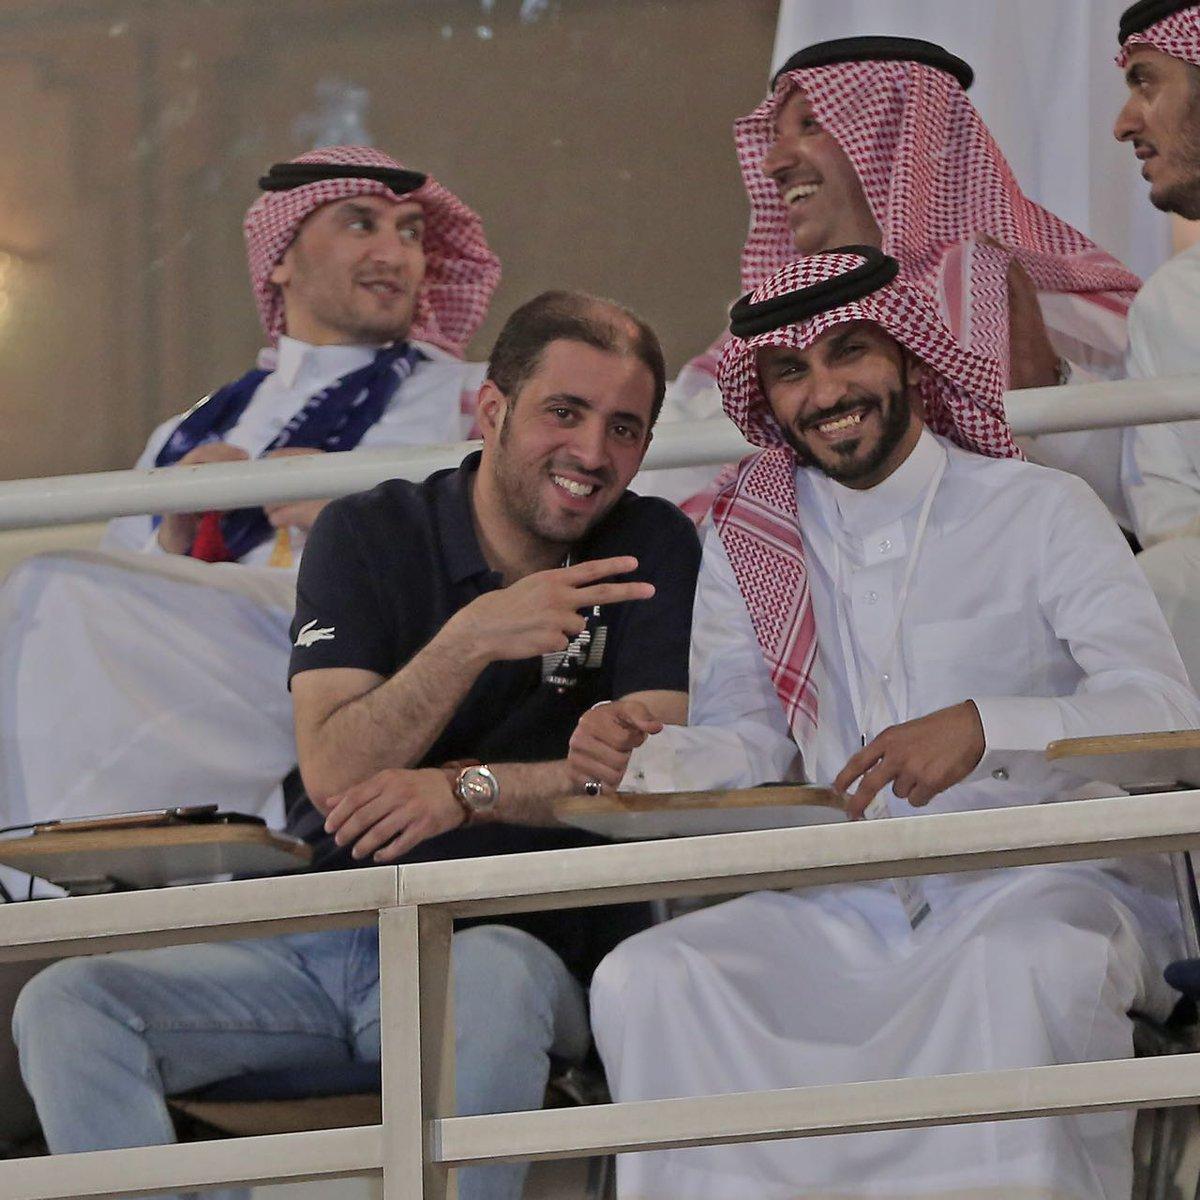 بعدسة المبدع احمد ال زعير  مع الصديق وال...